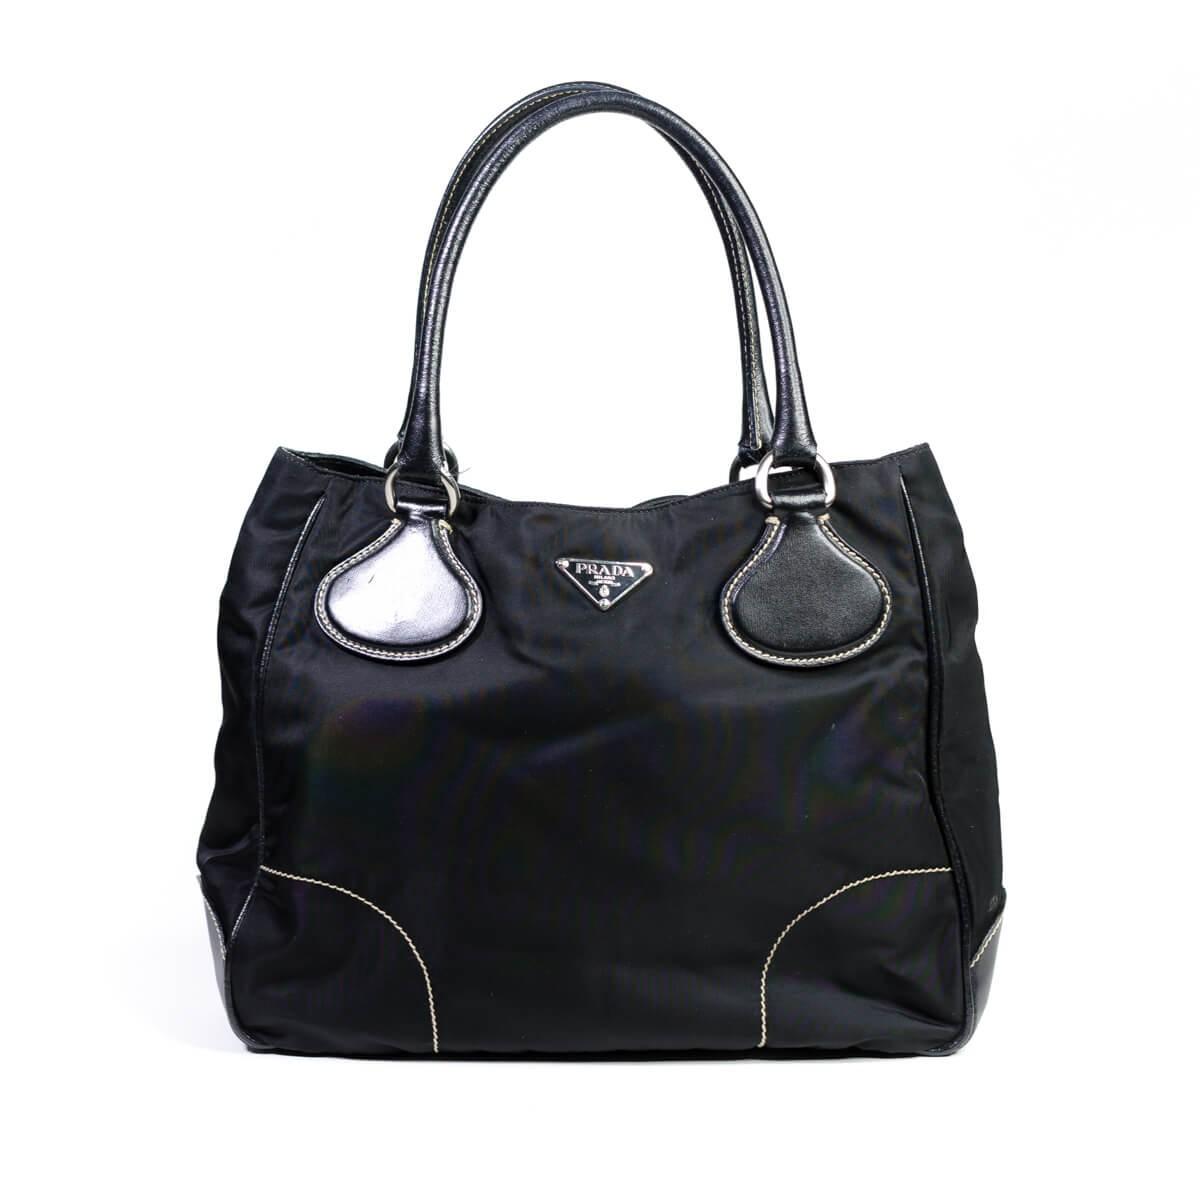 e73d3e3de6298e Prada Black Tessuto Moon Nylon Leather Trim Handbag